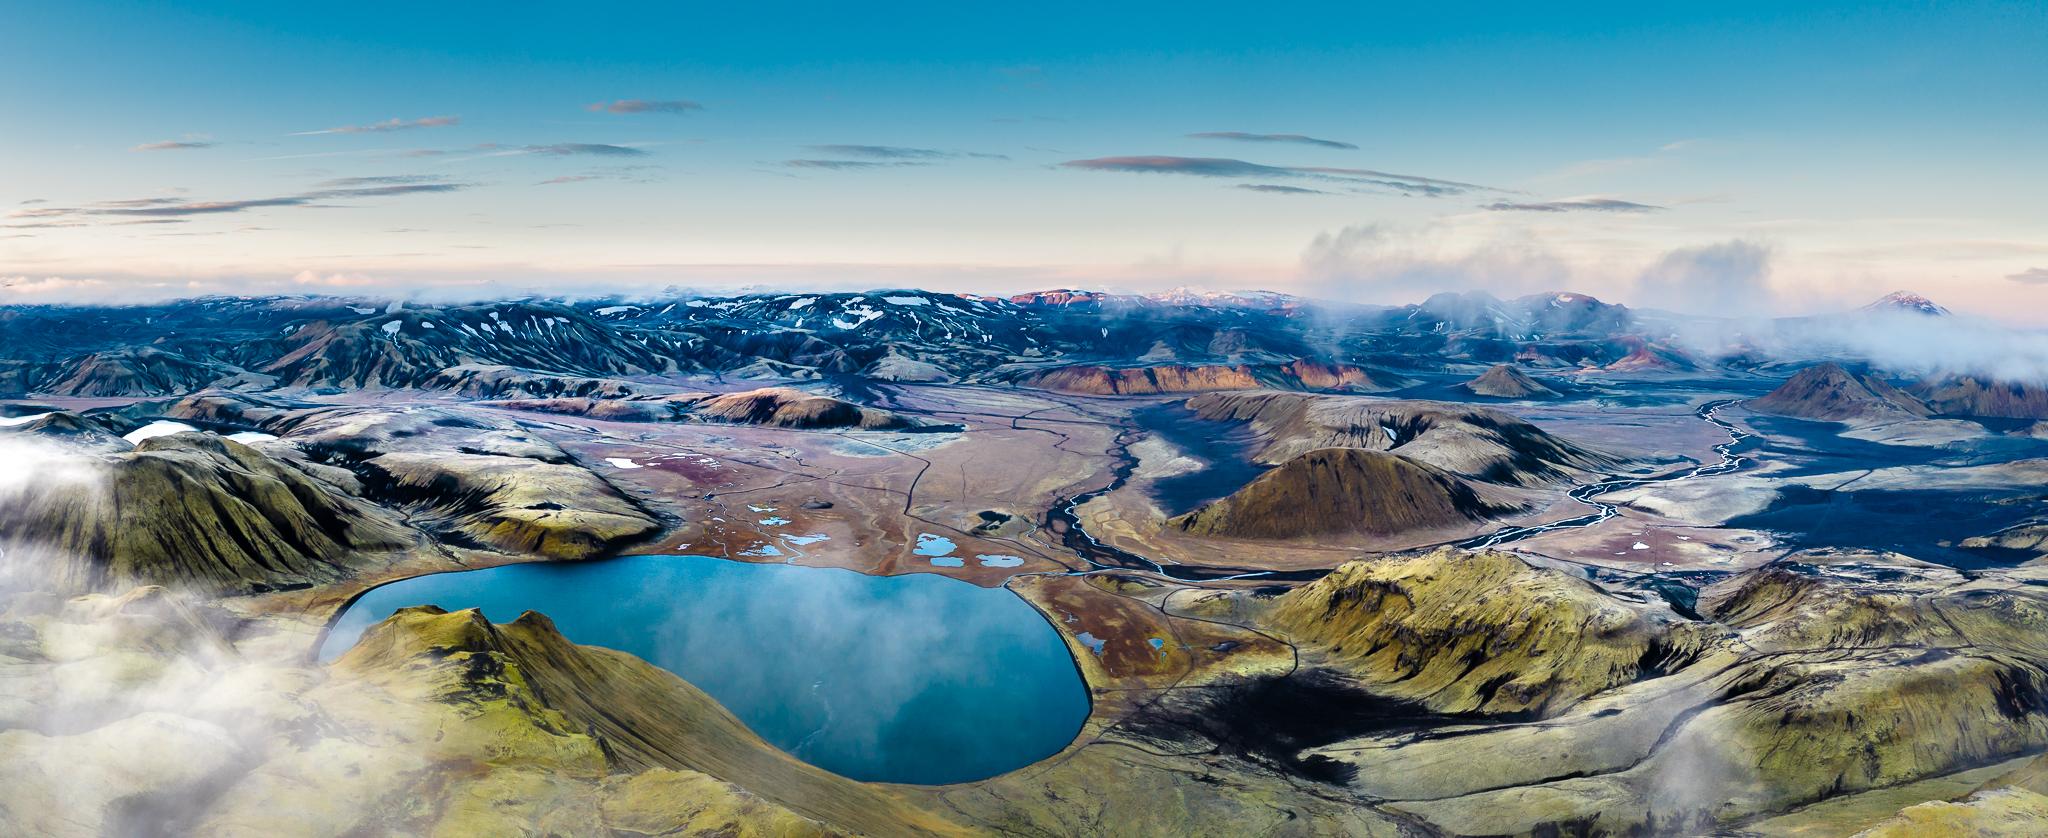 1_ICELAND_DJI_0092-HDR-Pano_FB.jpg